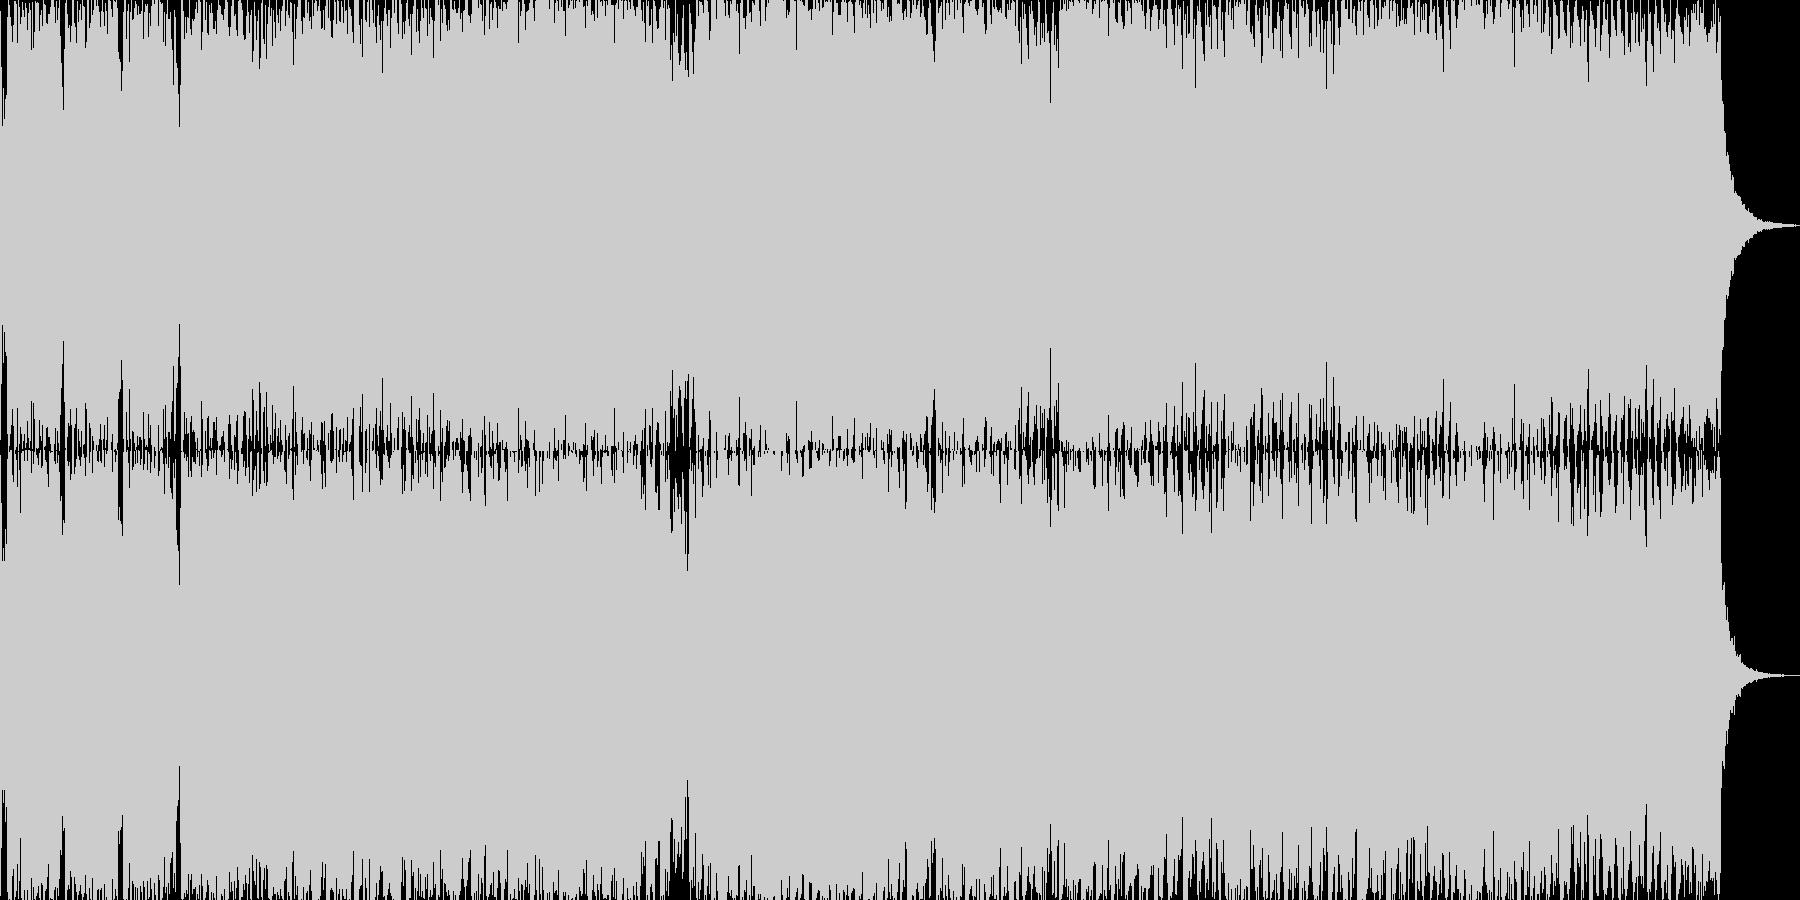 スピード感のあるオープニング曲ですの未再生の波形